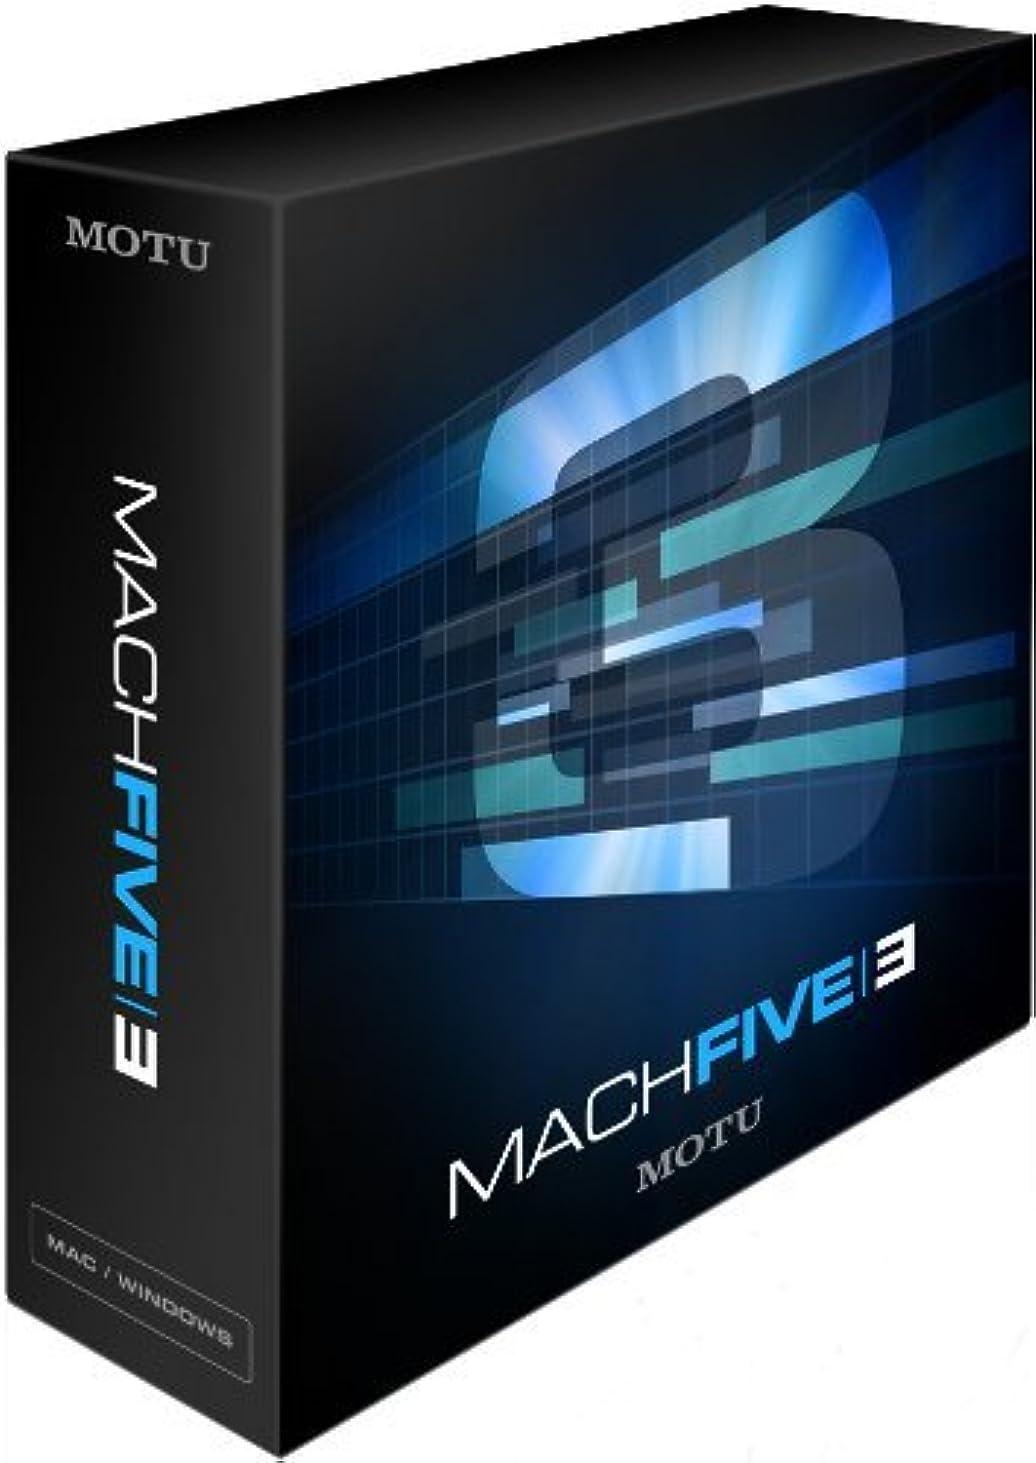 六月モールス信号拡散する◆MOTU MACHFIVE 3 ソフトウェア?サンプラー 『並行輸入品』 ◆モツ◆